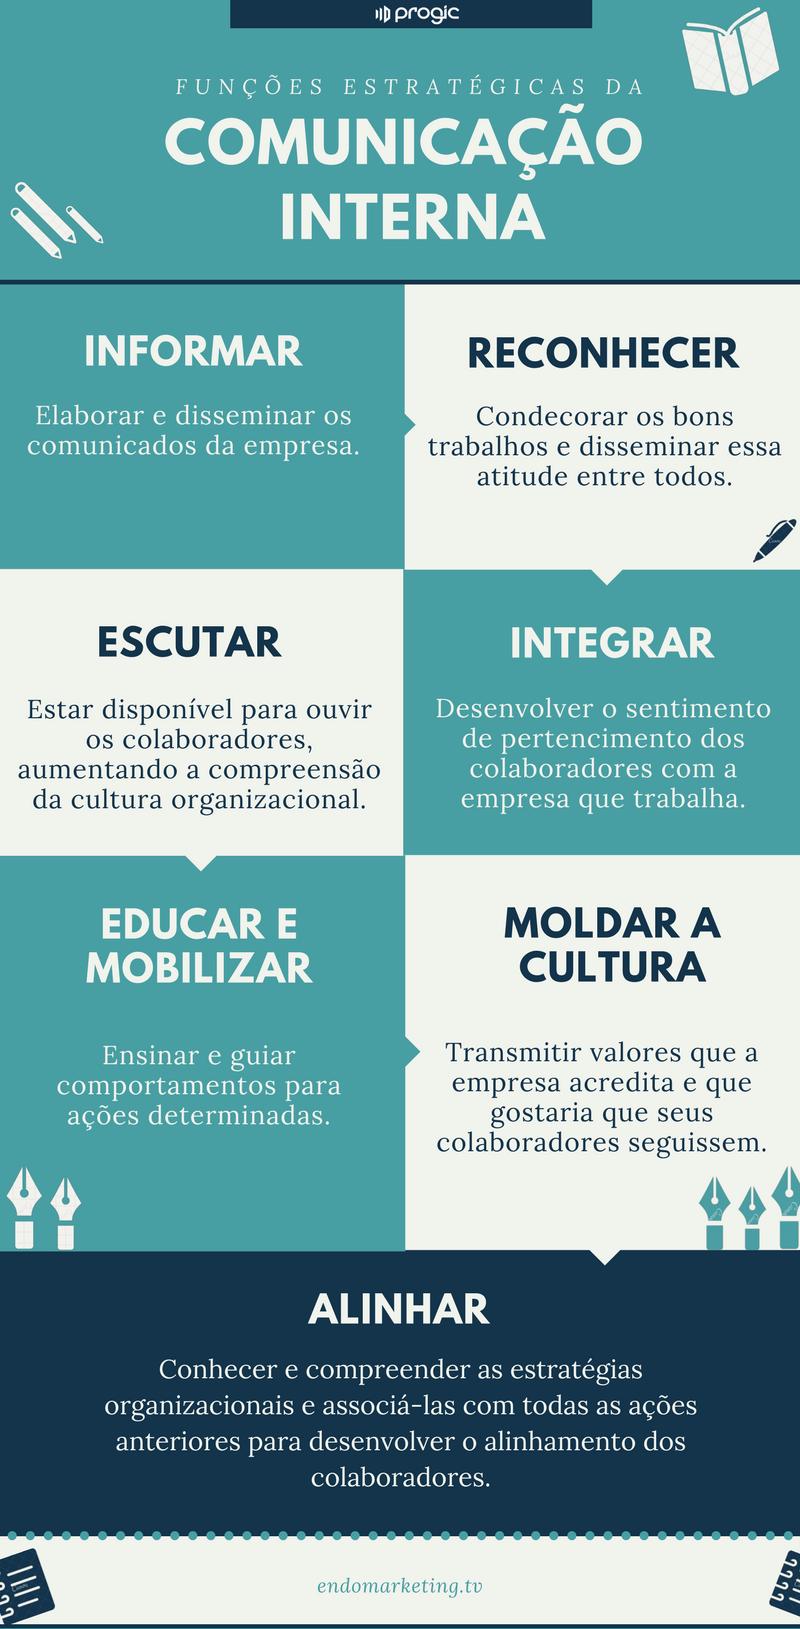 funções da comunicação interna